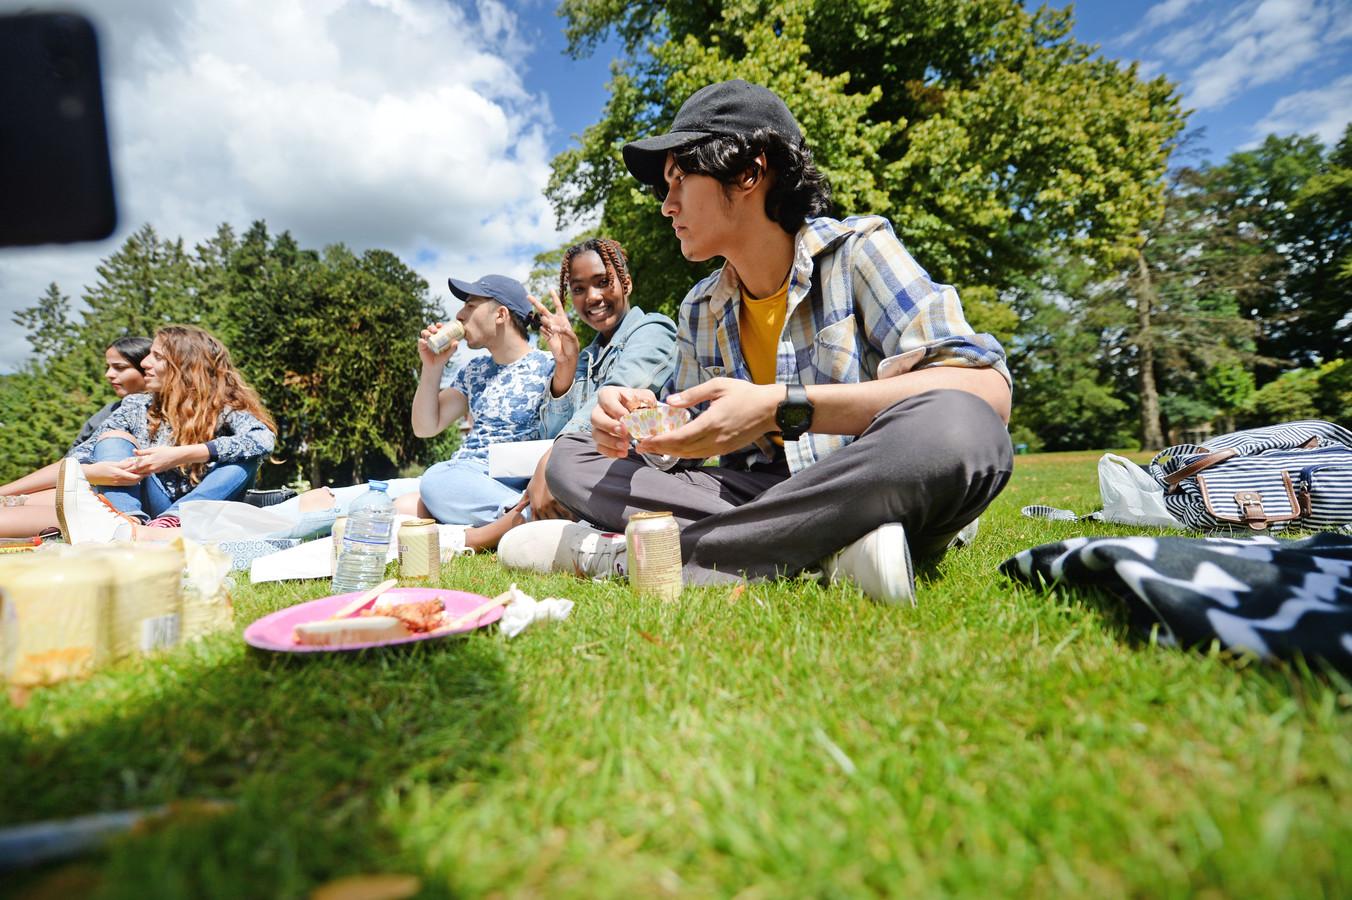 Internationale studenten van het Saxion zijn ook in de zomer nog aanwezig in de steden. Soms kunnen ze niet terug naar hun thuisland, maar er zijn ook groepen die tijdens corona juist liever in Nederland zijn.